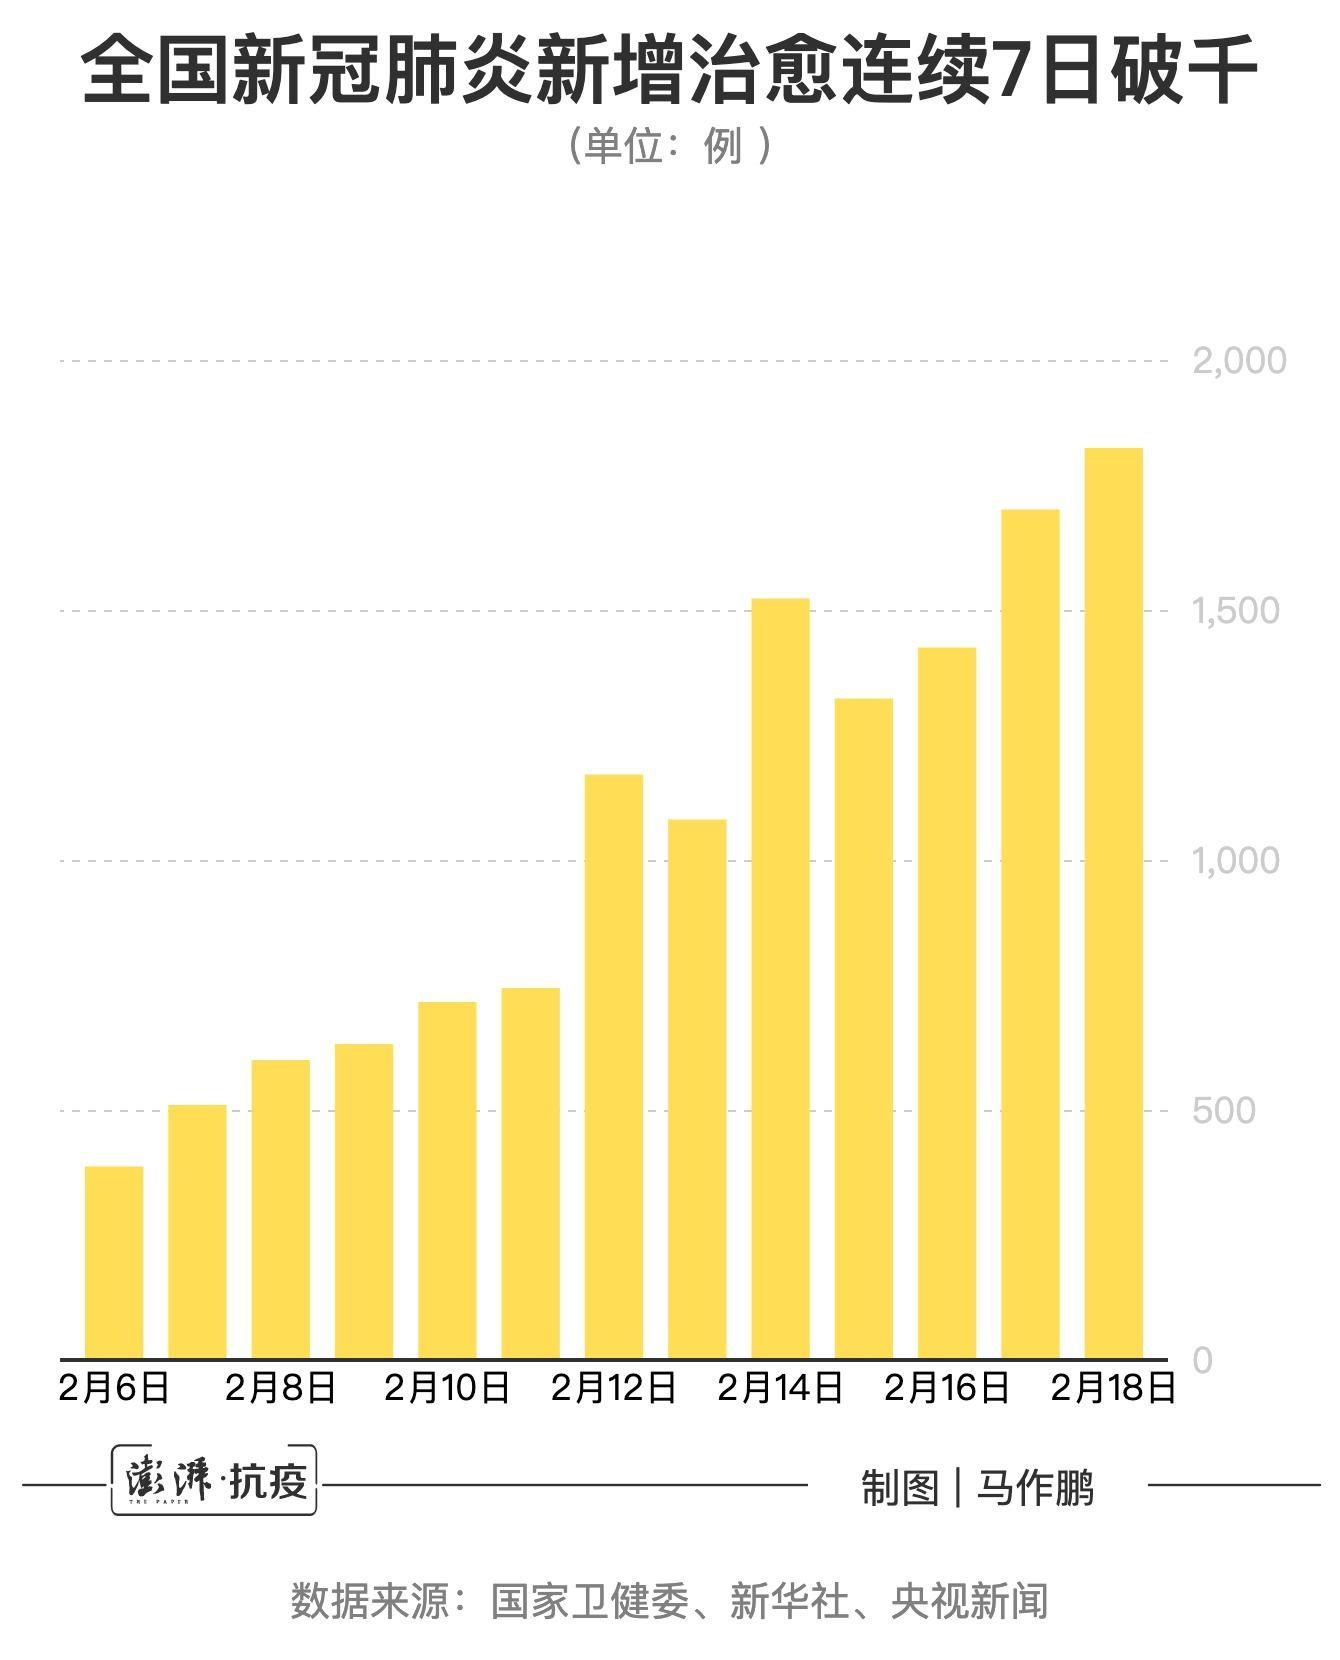 茅台习酒公司拟84.6亿投建1.9万吨酱香酒及配套项目